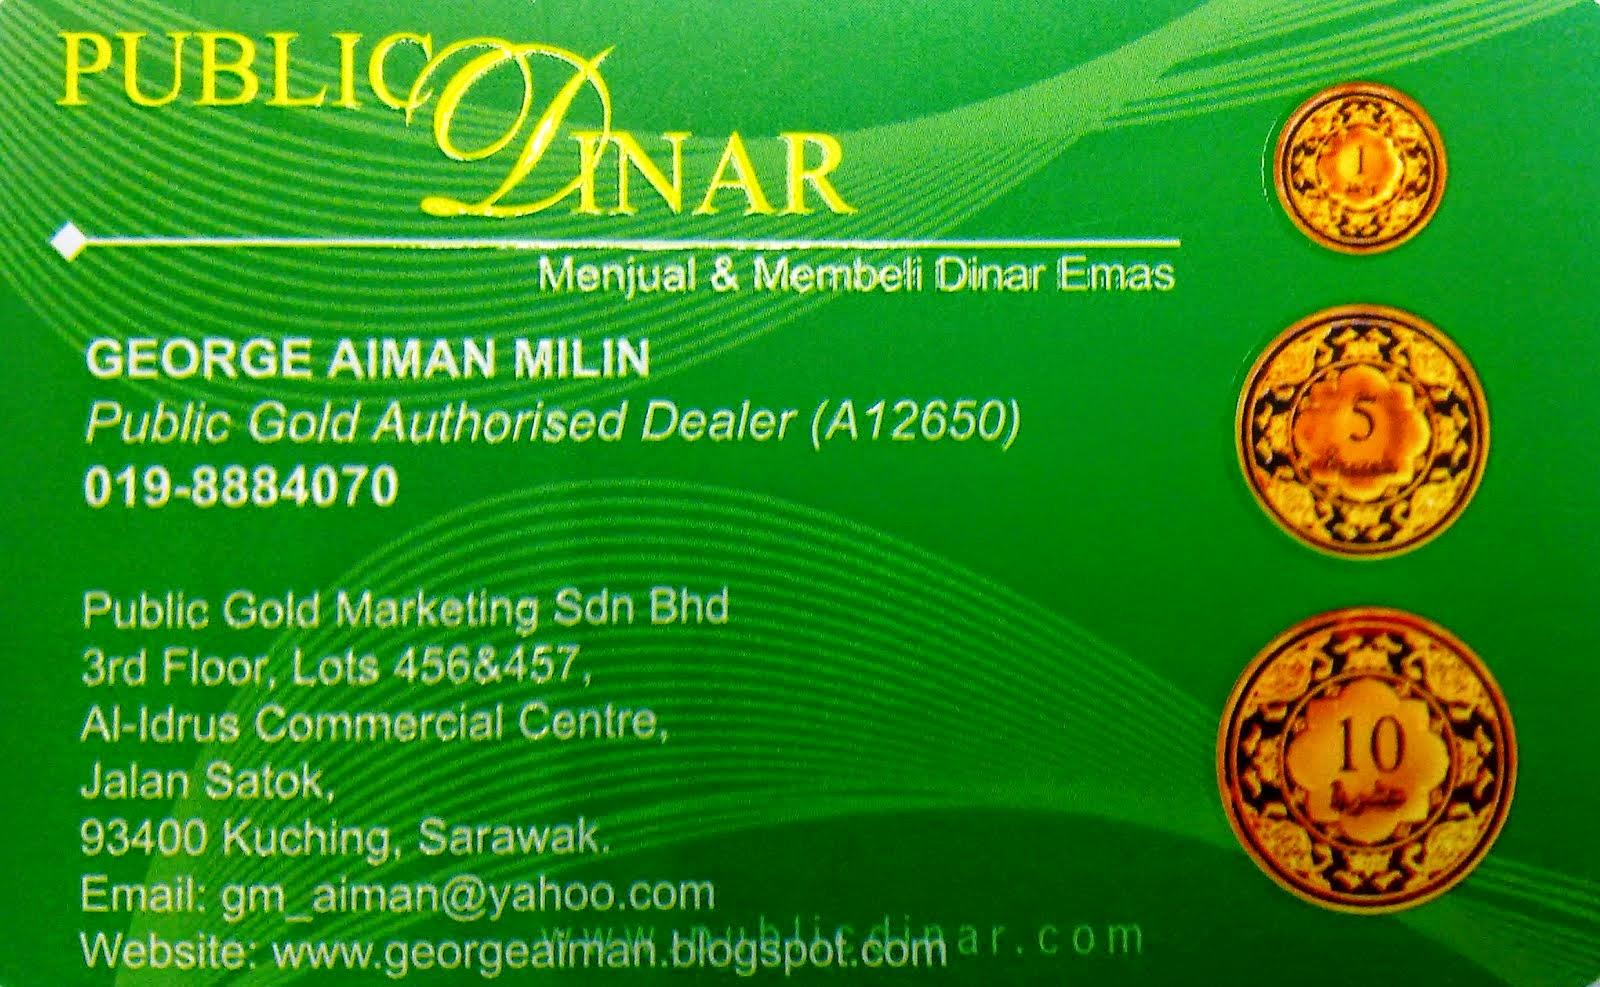 Name Card PB Dinar